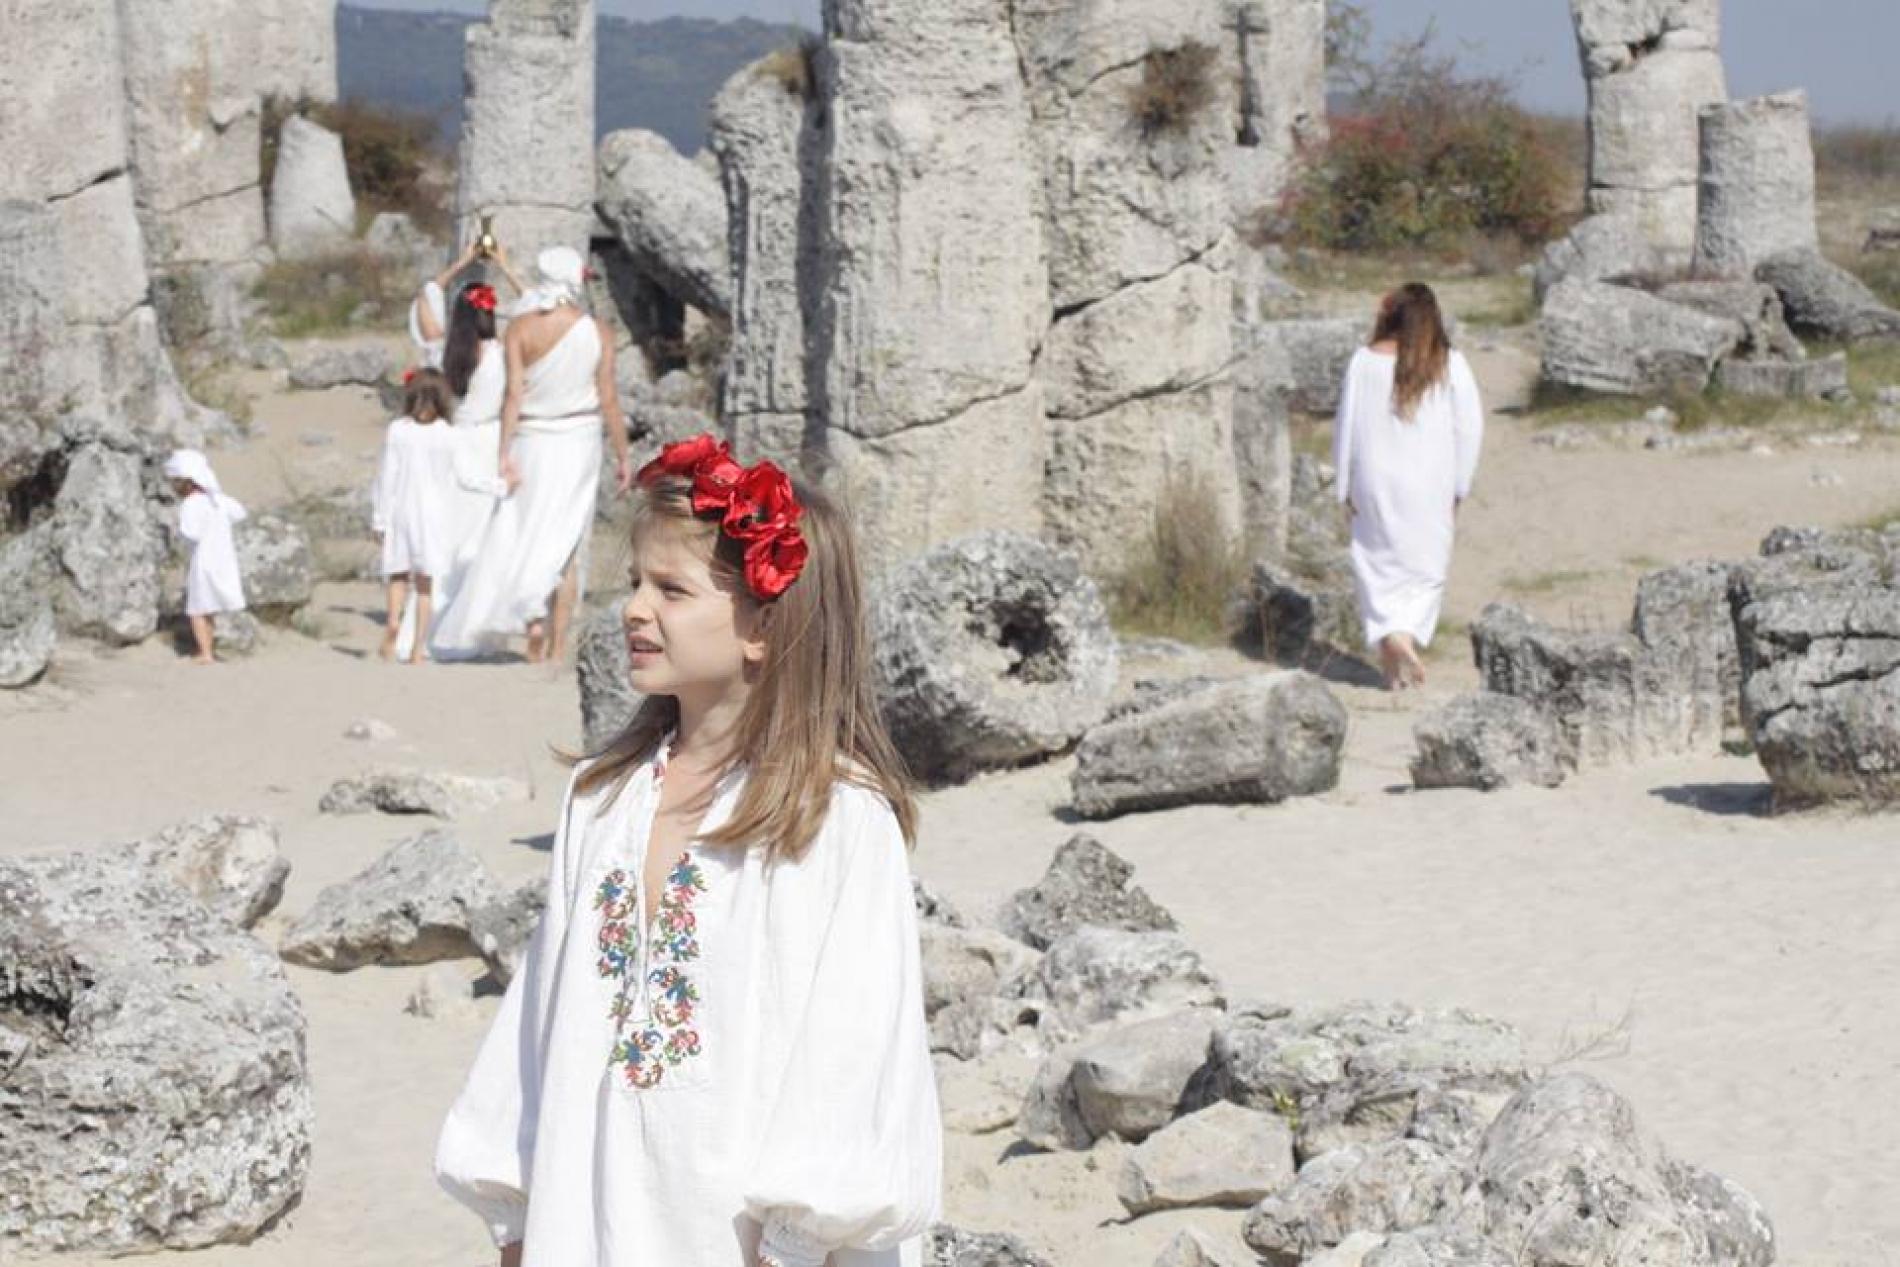 7-годишното момиченце, което ни разплака с тази патриотична песен (ВИДЕО)